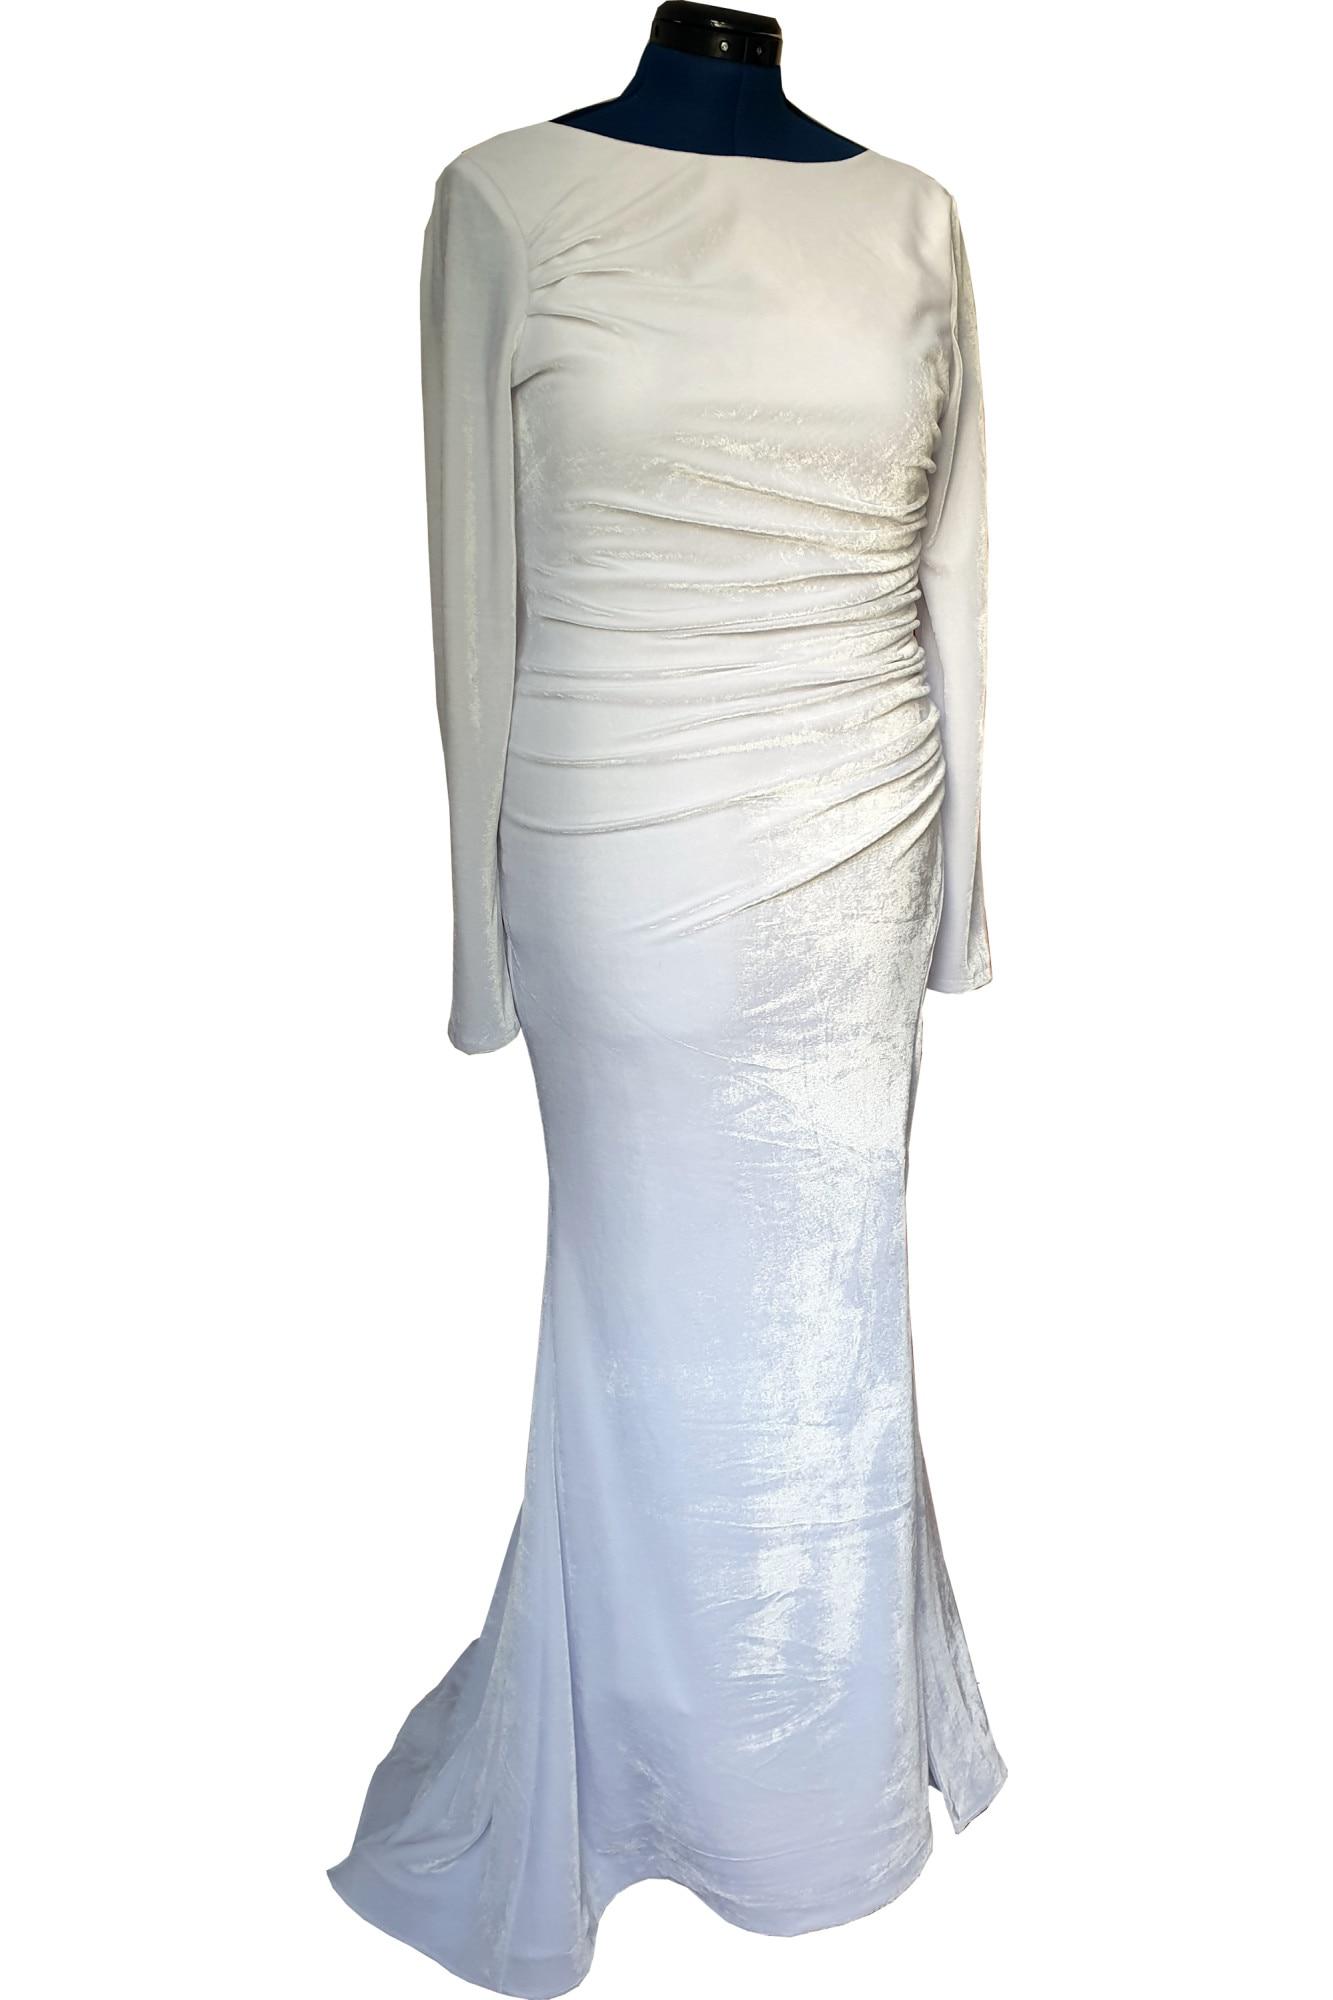 Cauta i rochie de ceremonie pentru femei Tip mesaj pentru site ul de dating